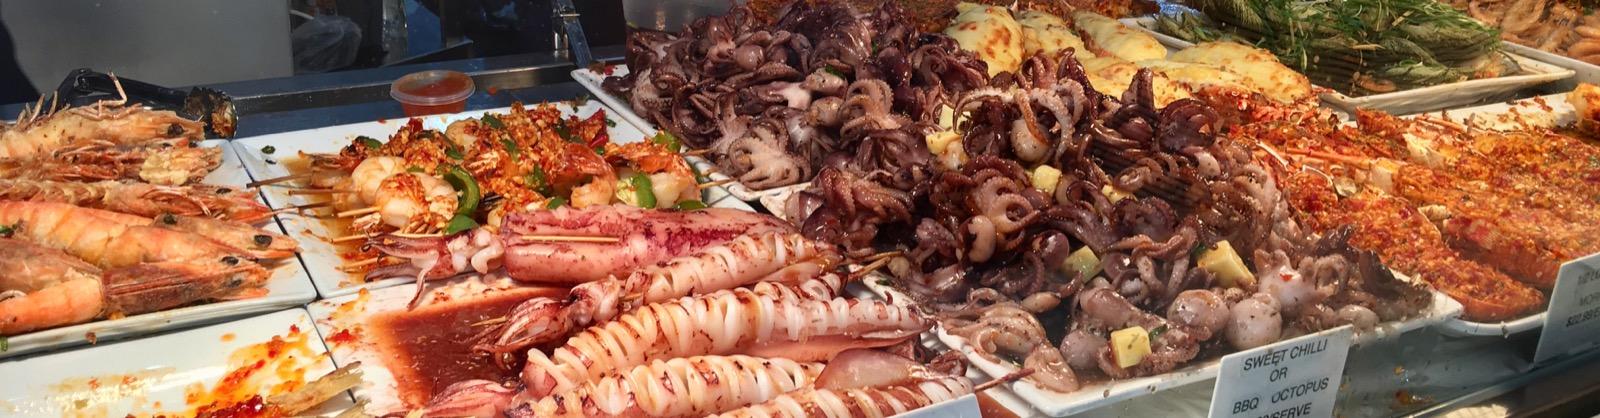 sydney-fish-market_grilled-food